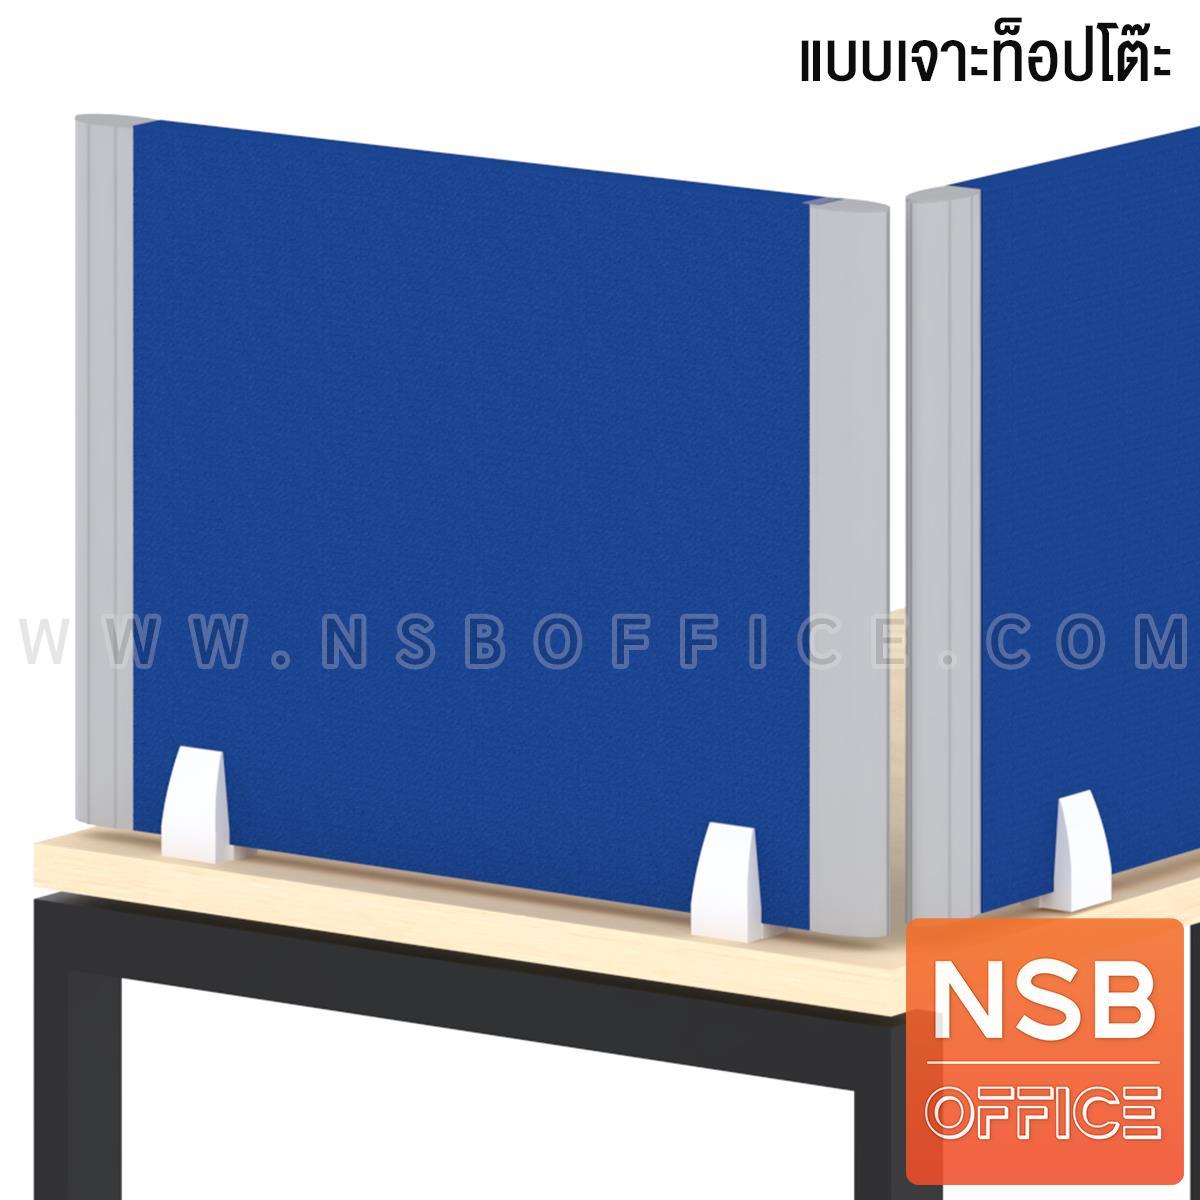 A04A050:มินิสกรีนหุ้มผ้า เฟรมอลูมินั่ม (พร้อมตัวจับสีขาว แบบเจาะหน้าโต๊ะ)  80W - 180W cm